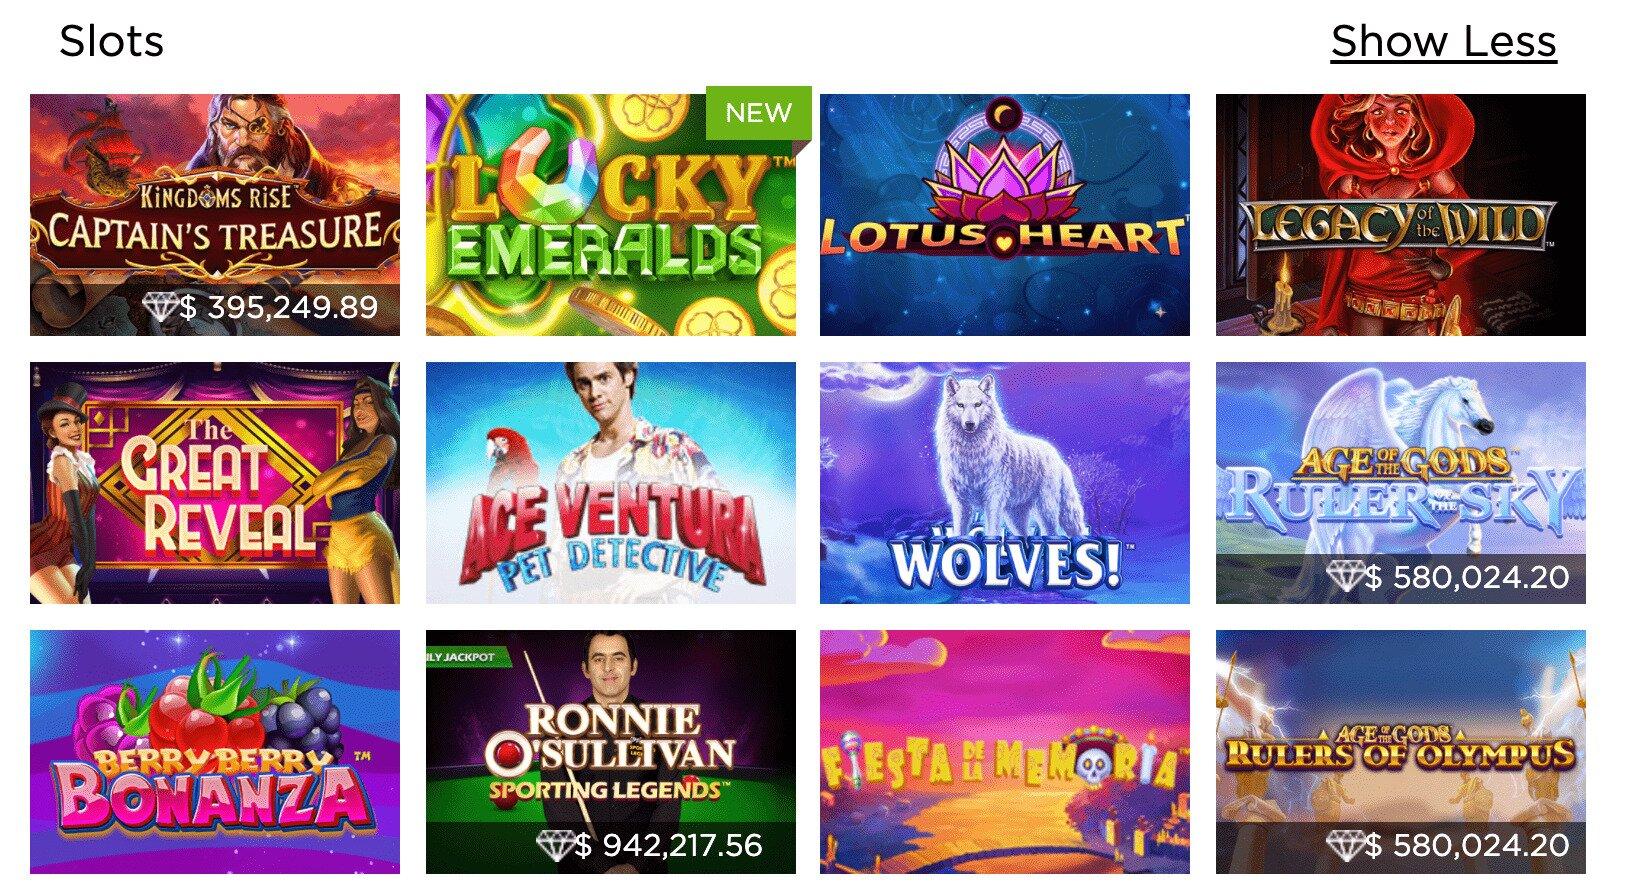 Casino.com Slot Games